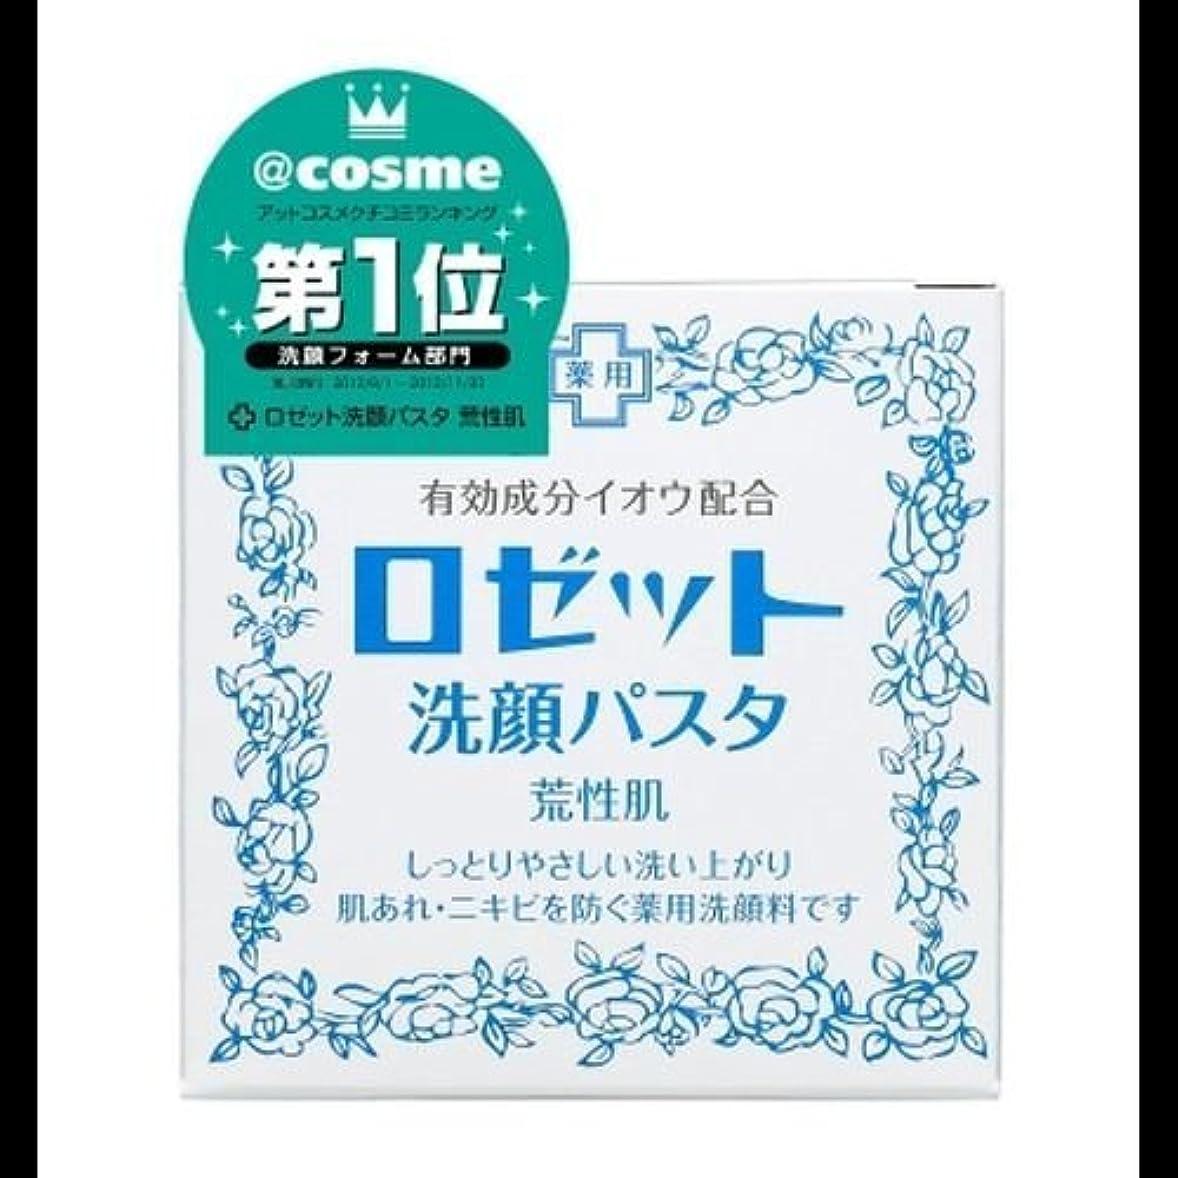 きゅうり宇宙船価値【まとめ買い】ロゼット 洗顔パスタ 荒性90g ×2セット